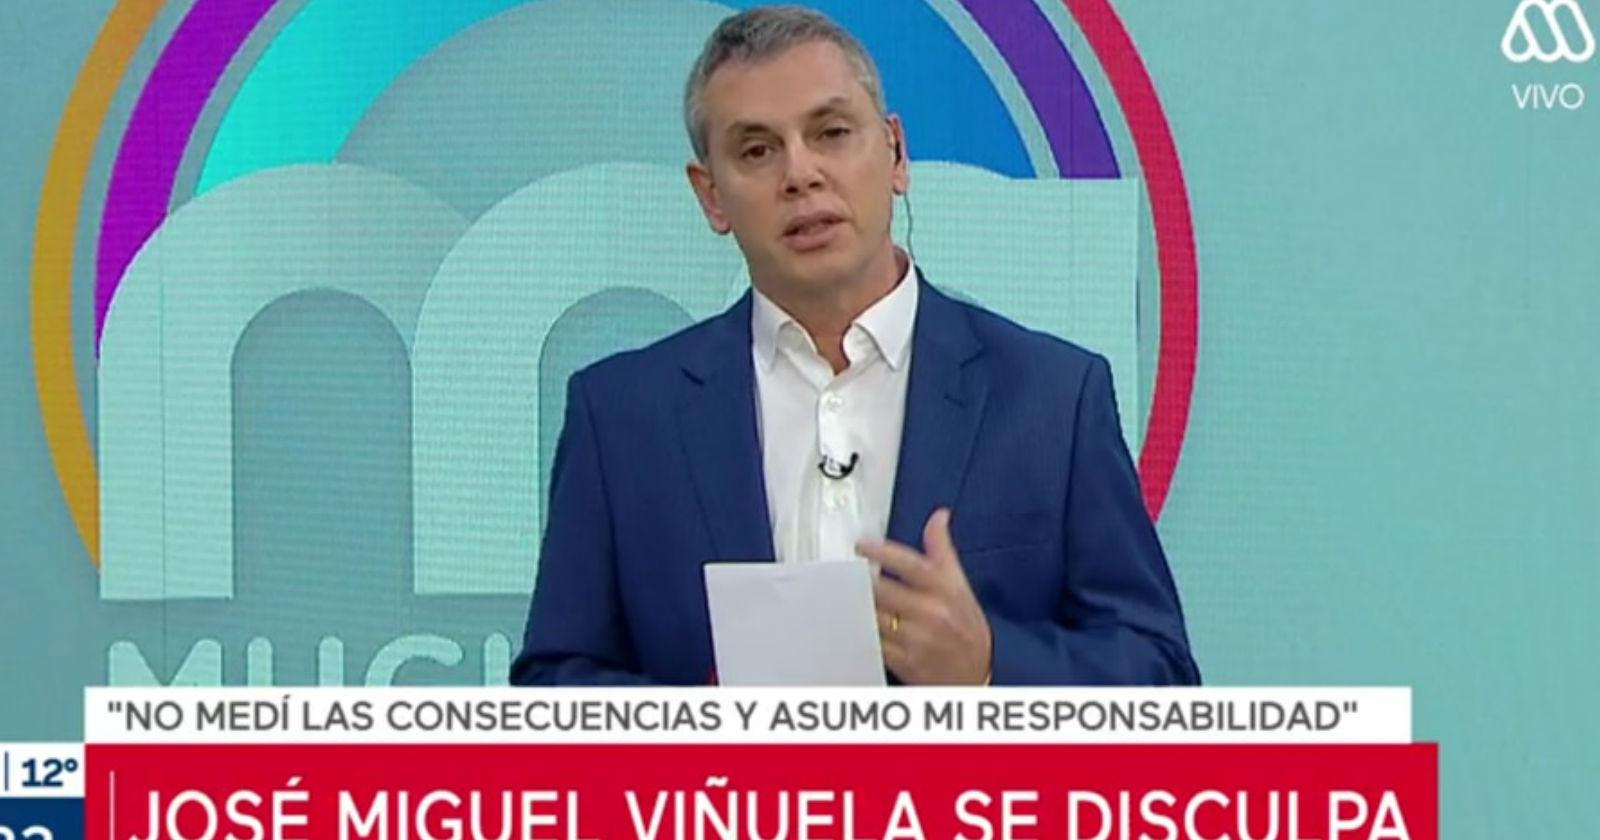 Mega anuncia que José Miguel Viñuela deja la conducción del Mucho Gusto